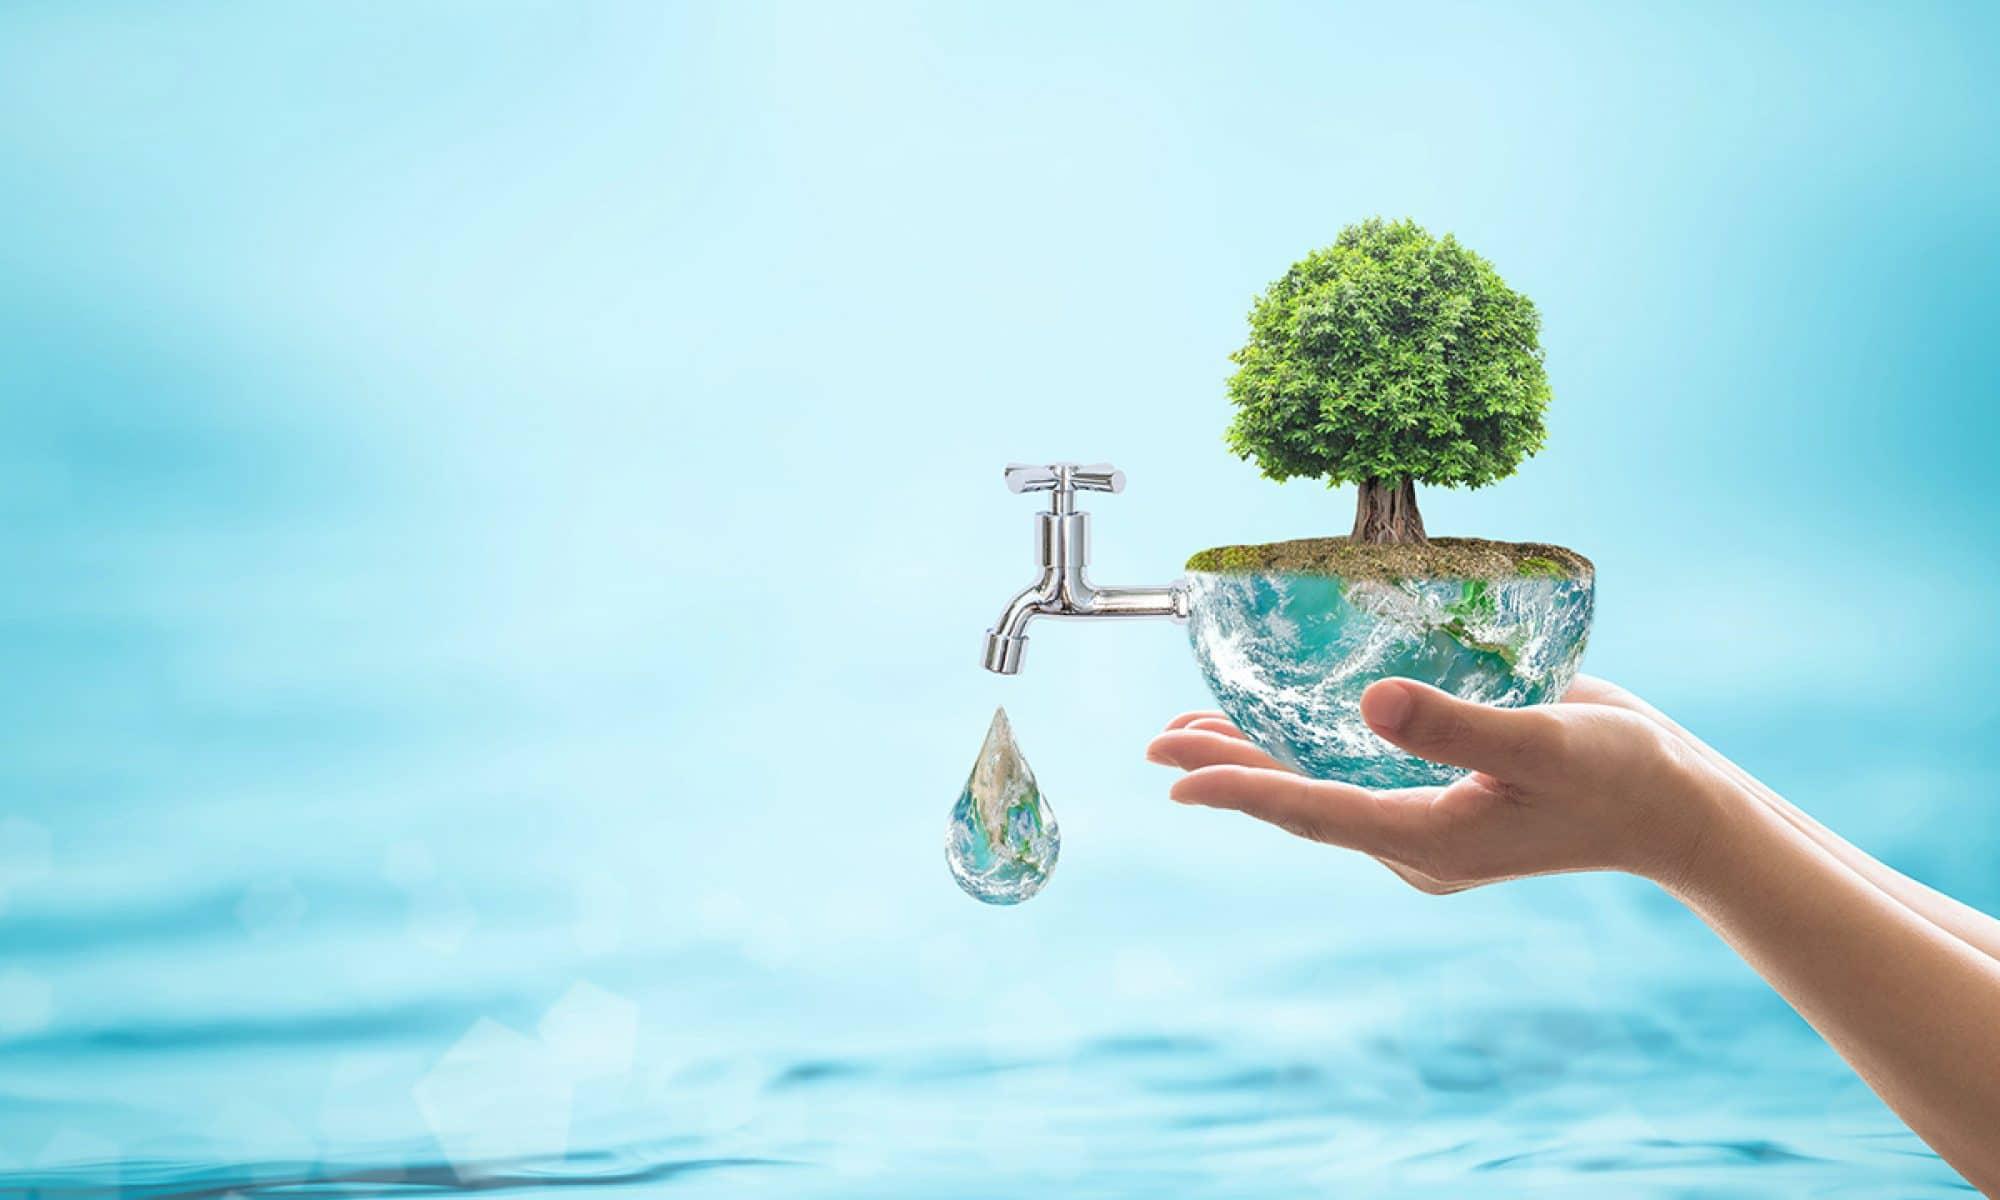 Risparmio risorsa idrica - Acqua